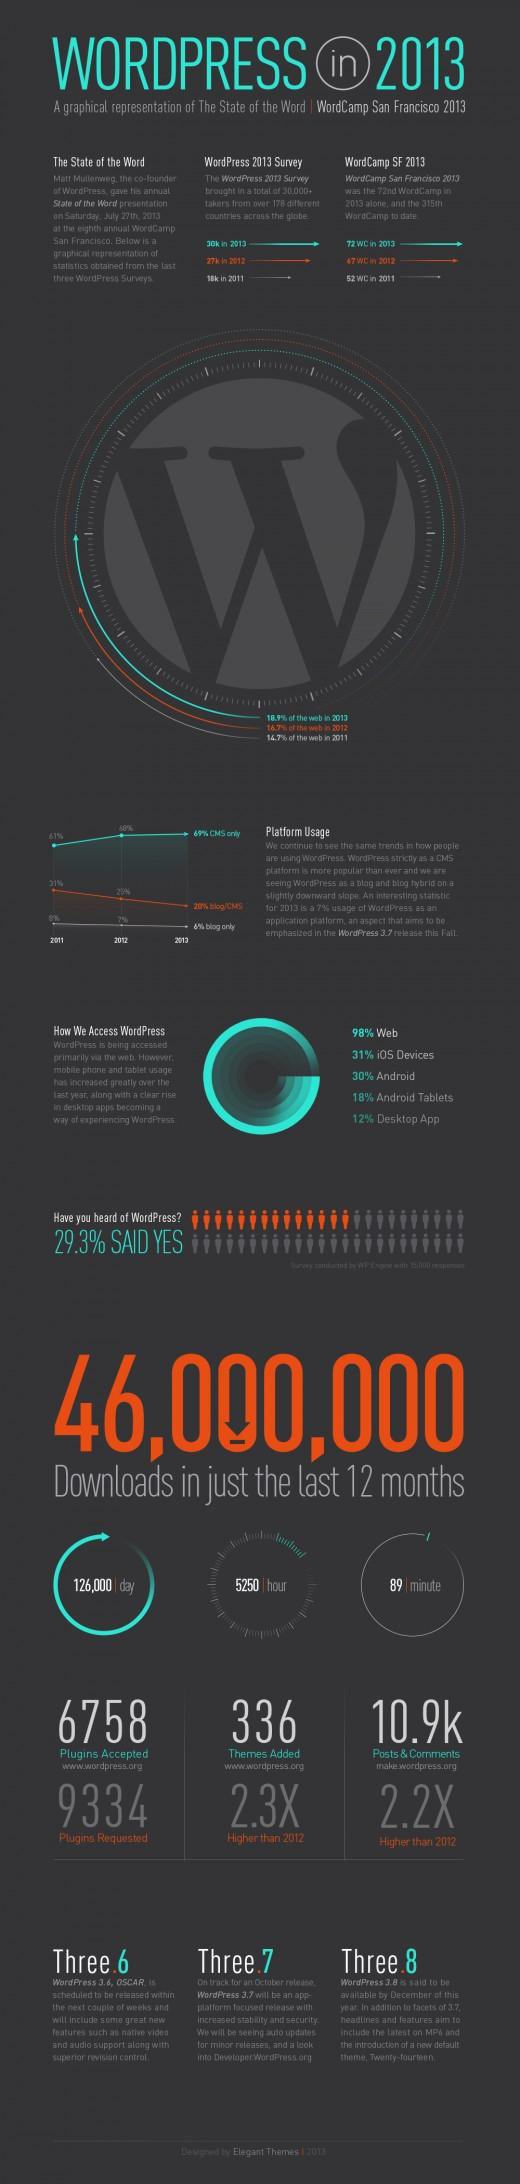 Die Nutzung von WordPress 2013 in Zahlen [Infografik]